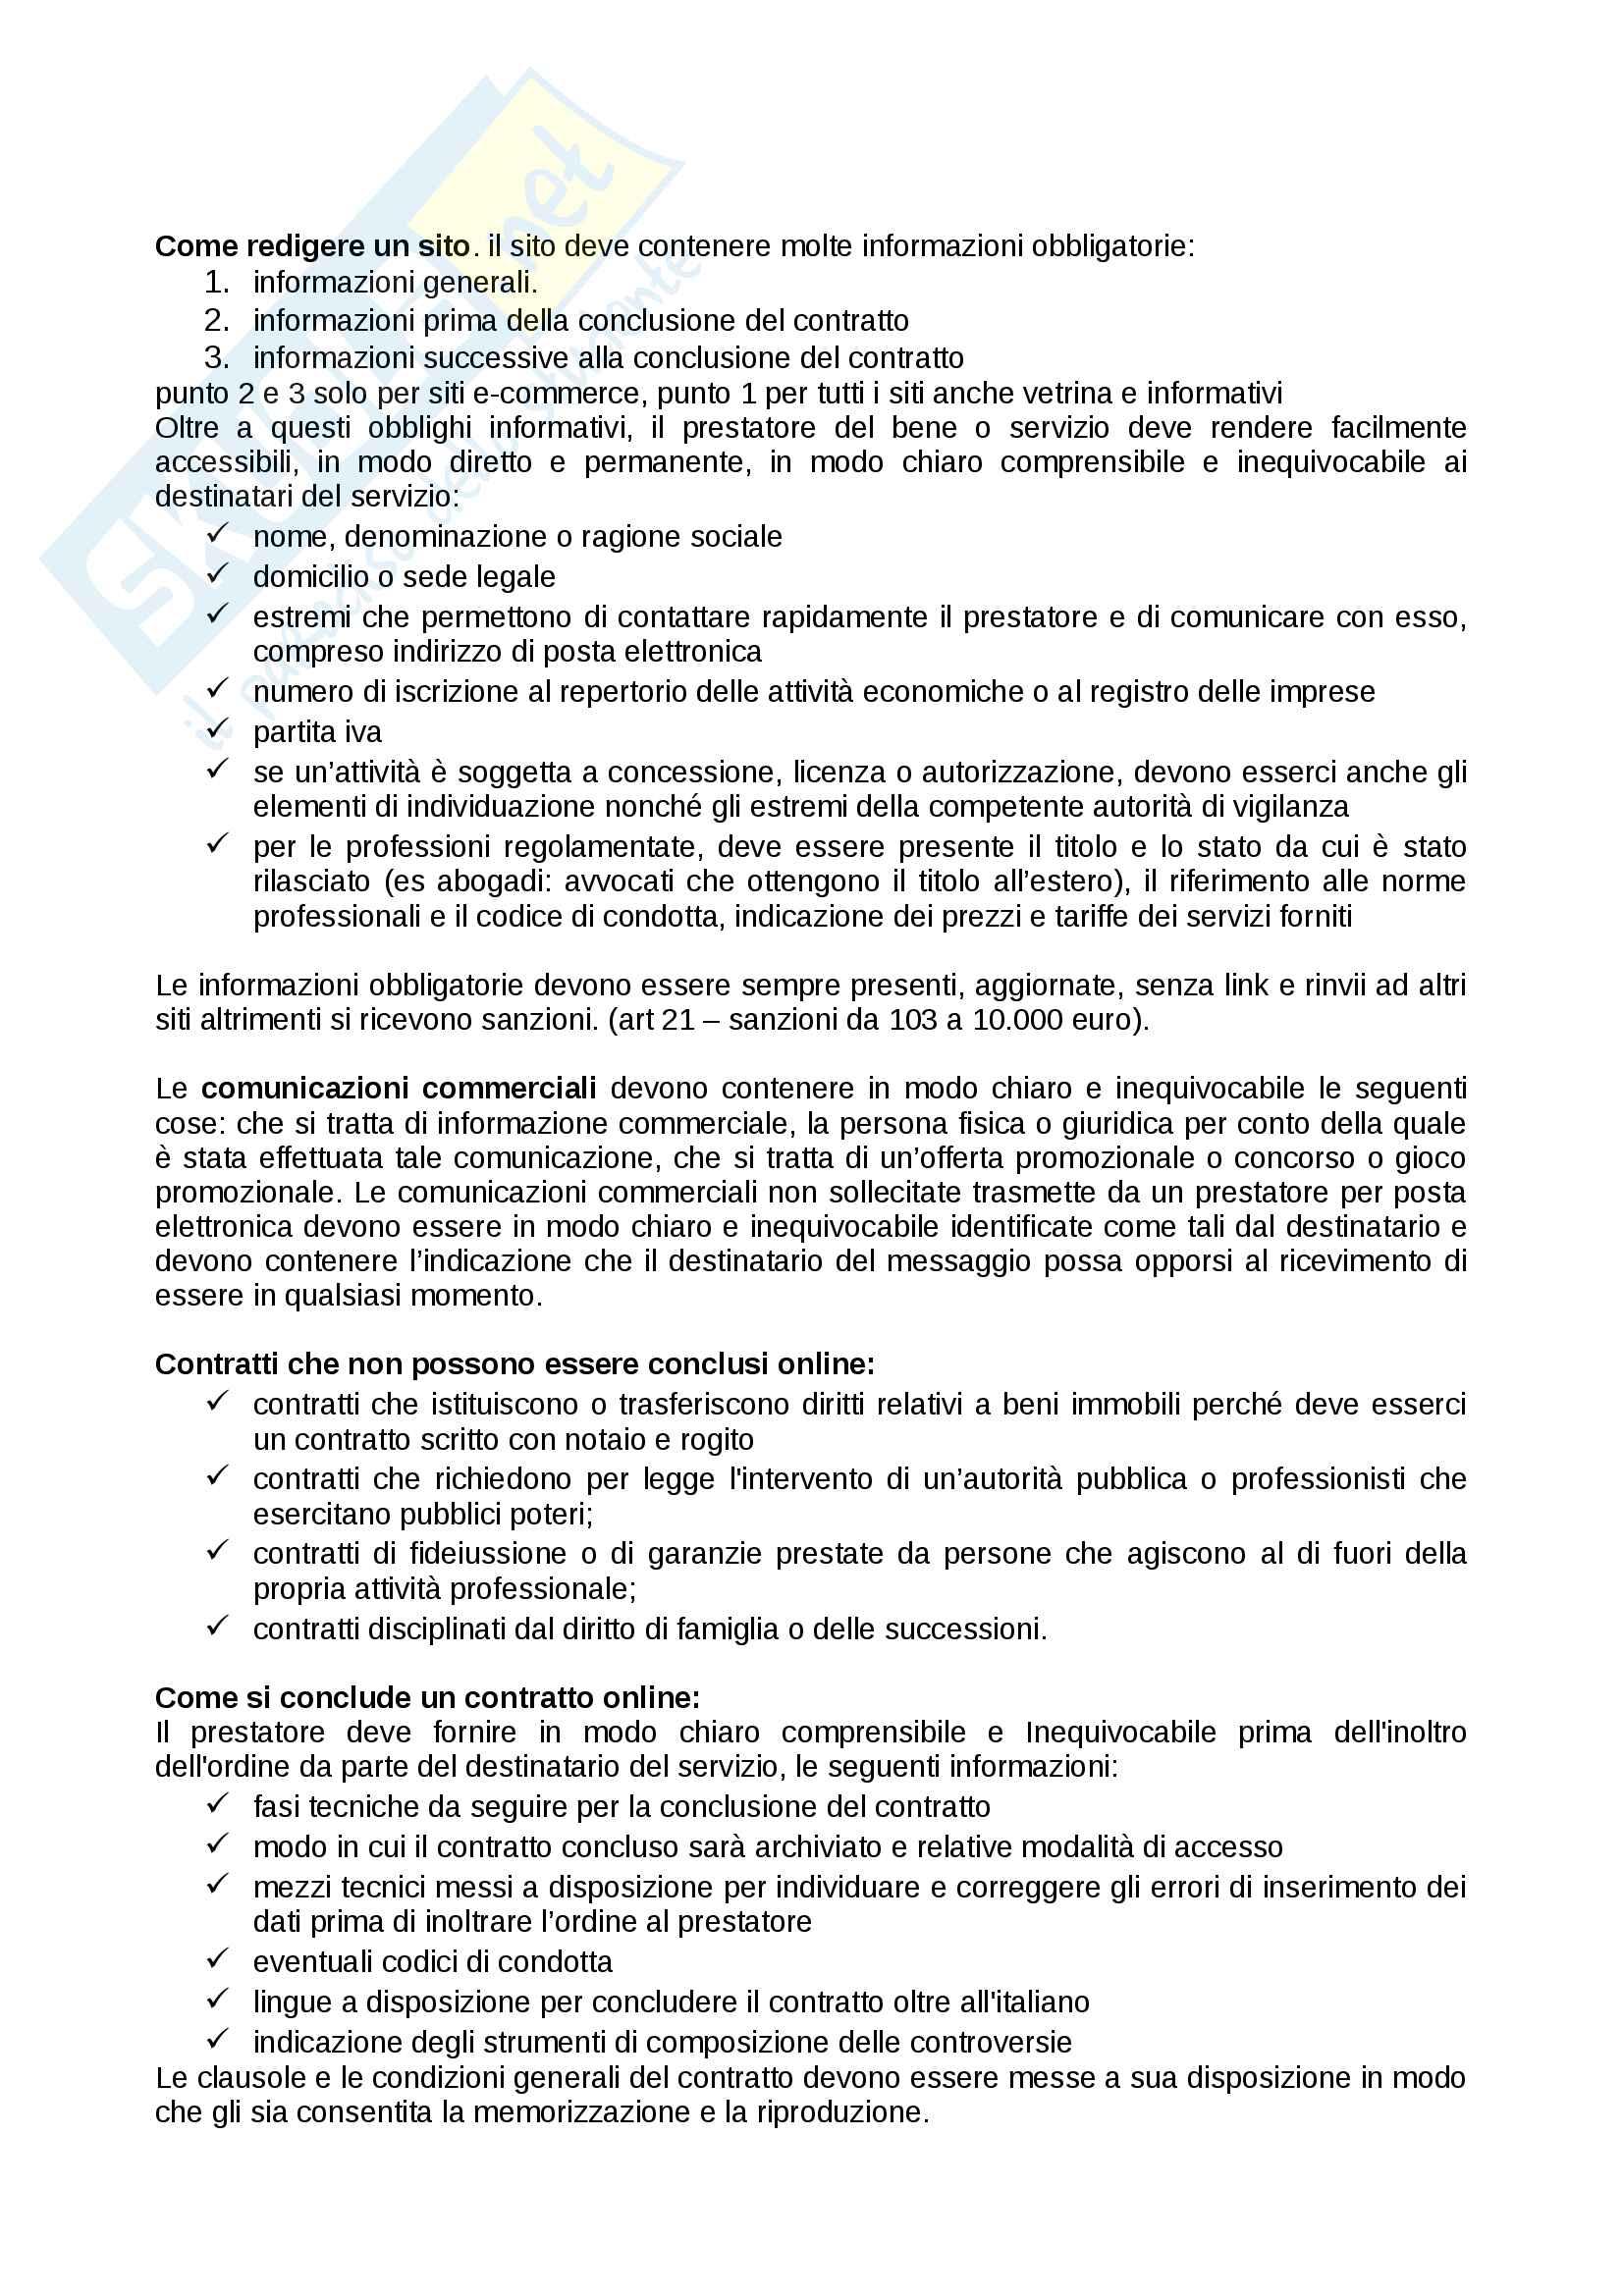 Diritto della comunicazione,  appunti perfetti Pag. 21